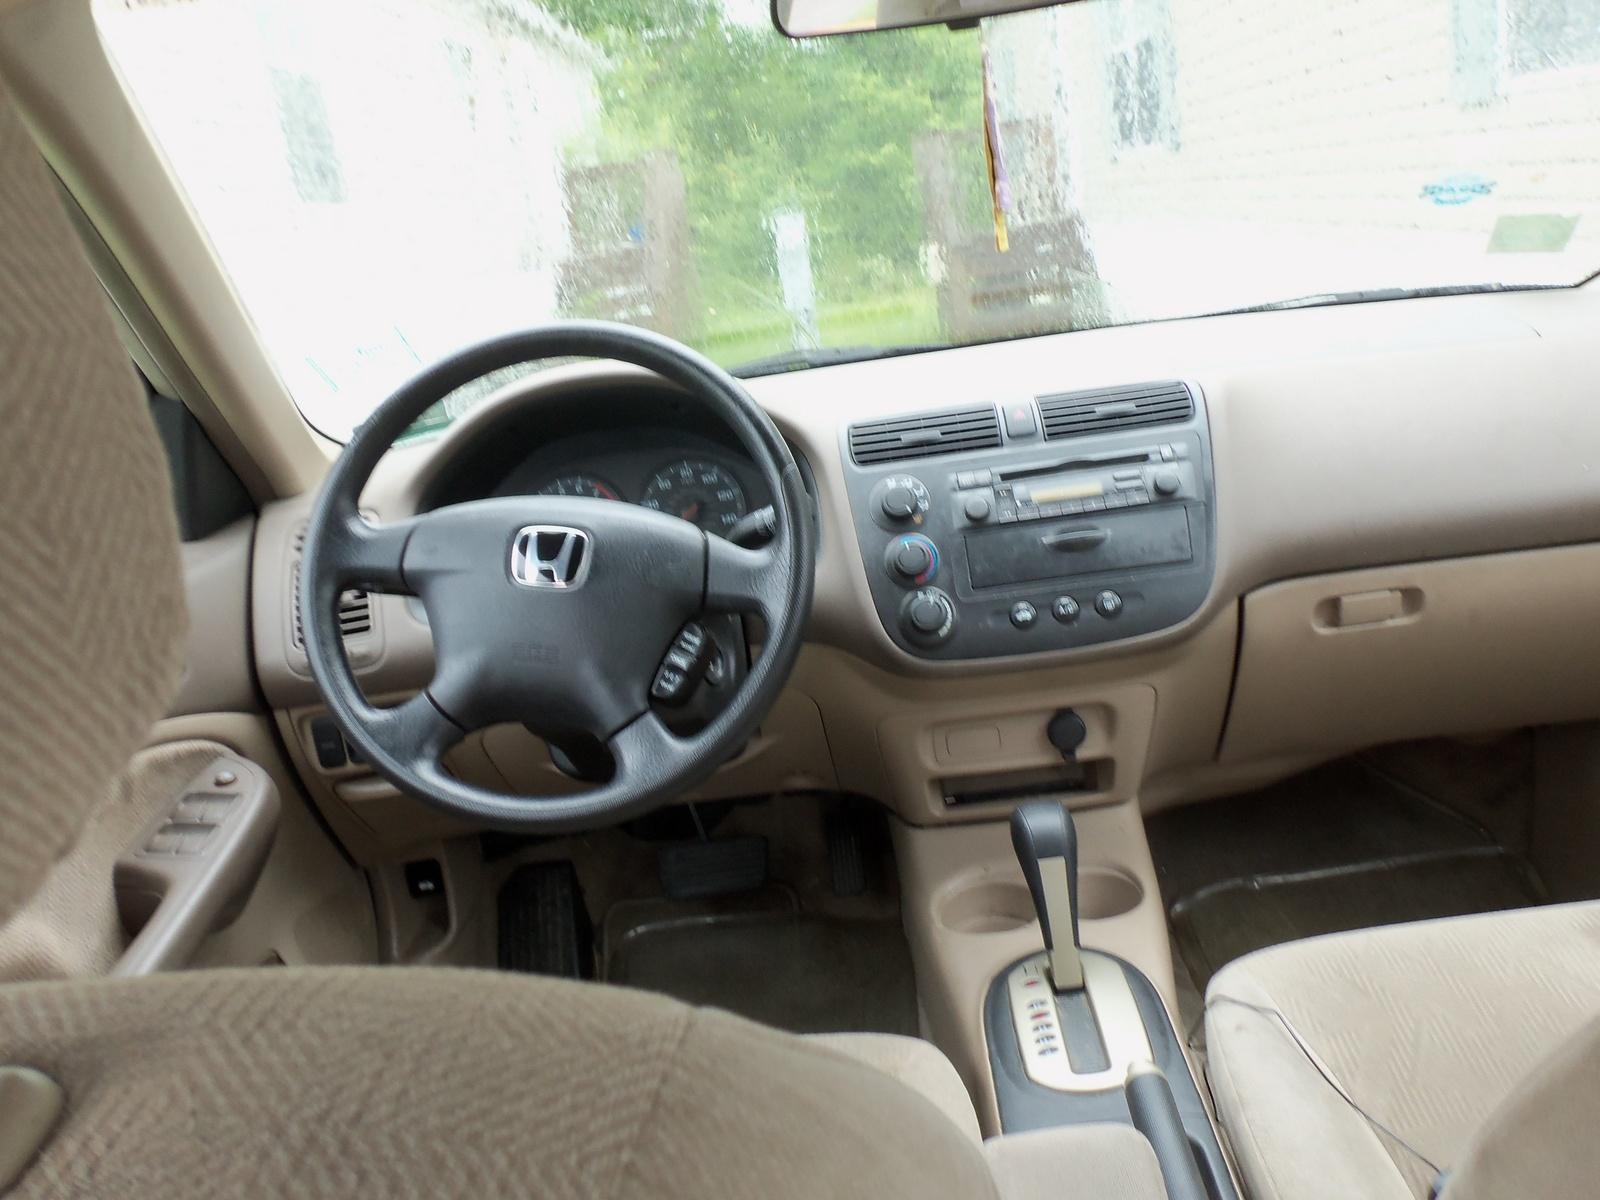 2001 Honda Civic Interior Pictures Cargurus